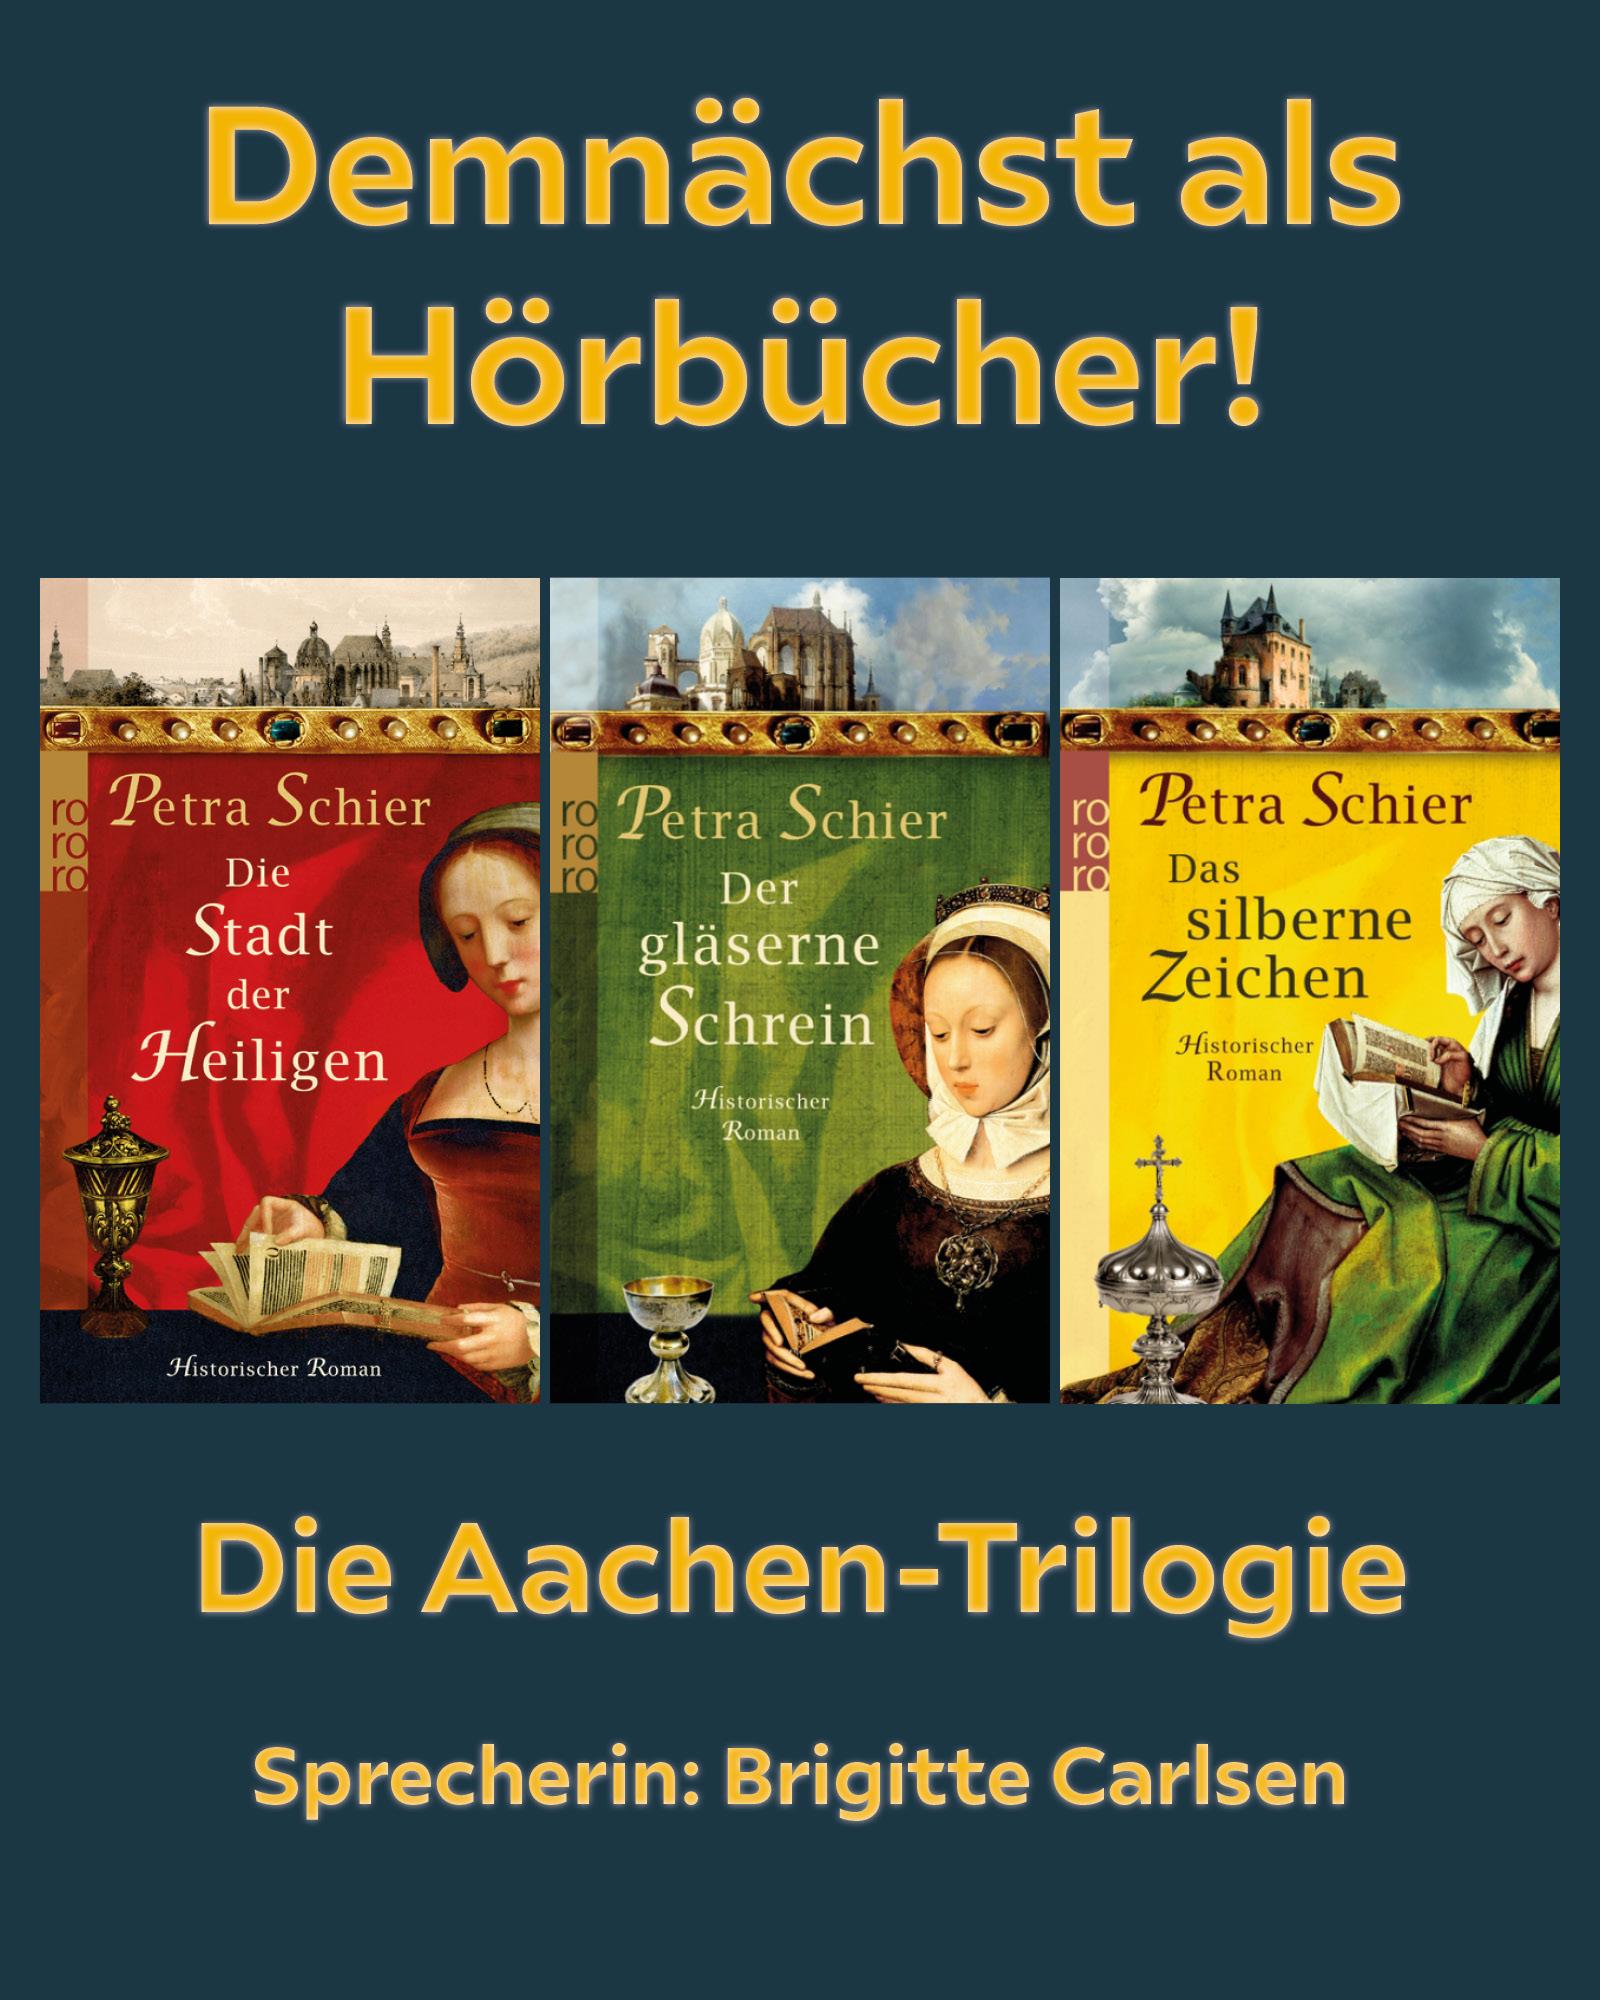 Die Aachen-Trilogie kommt ... als Hörbücher!